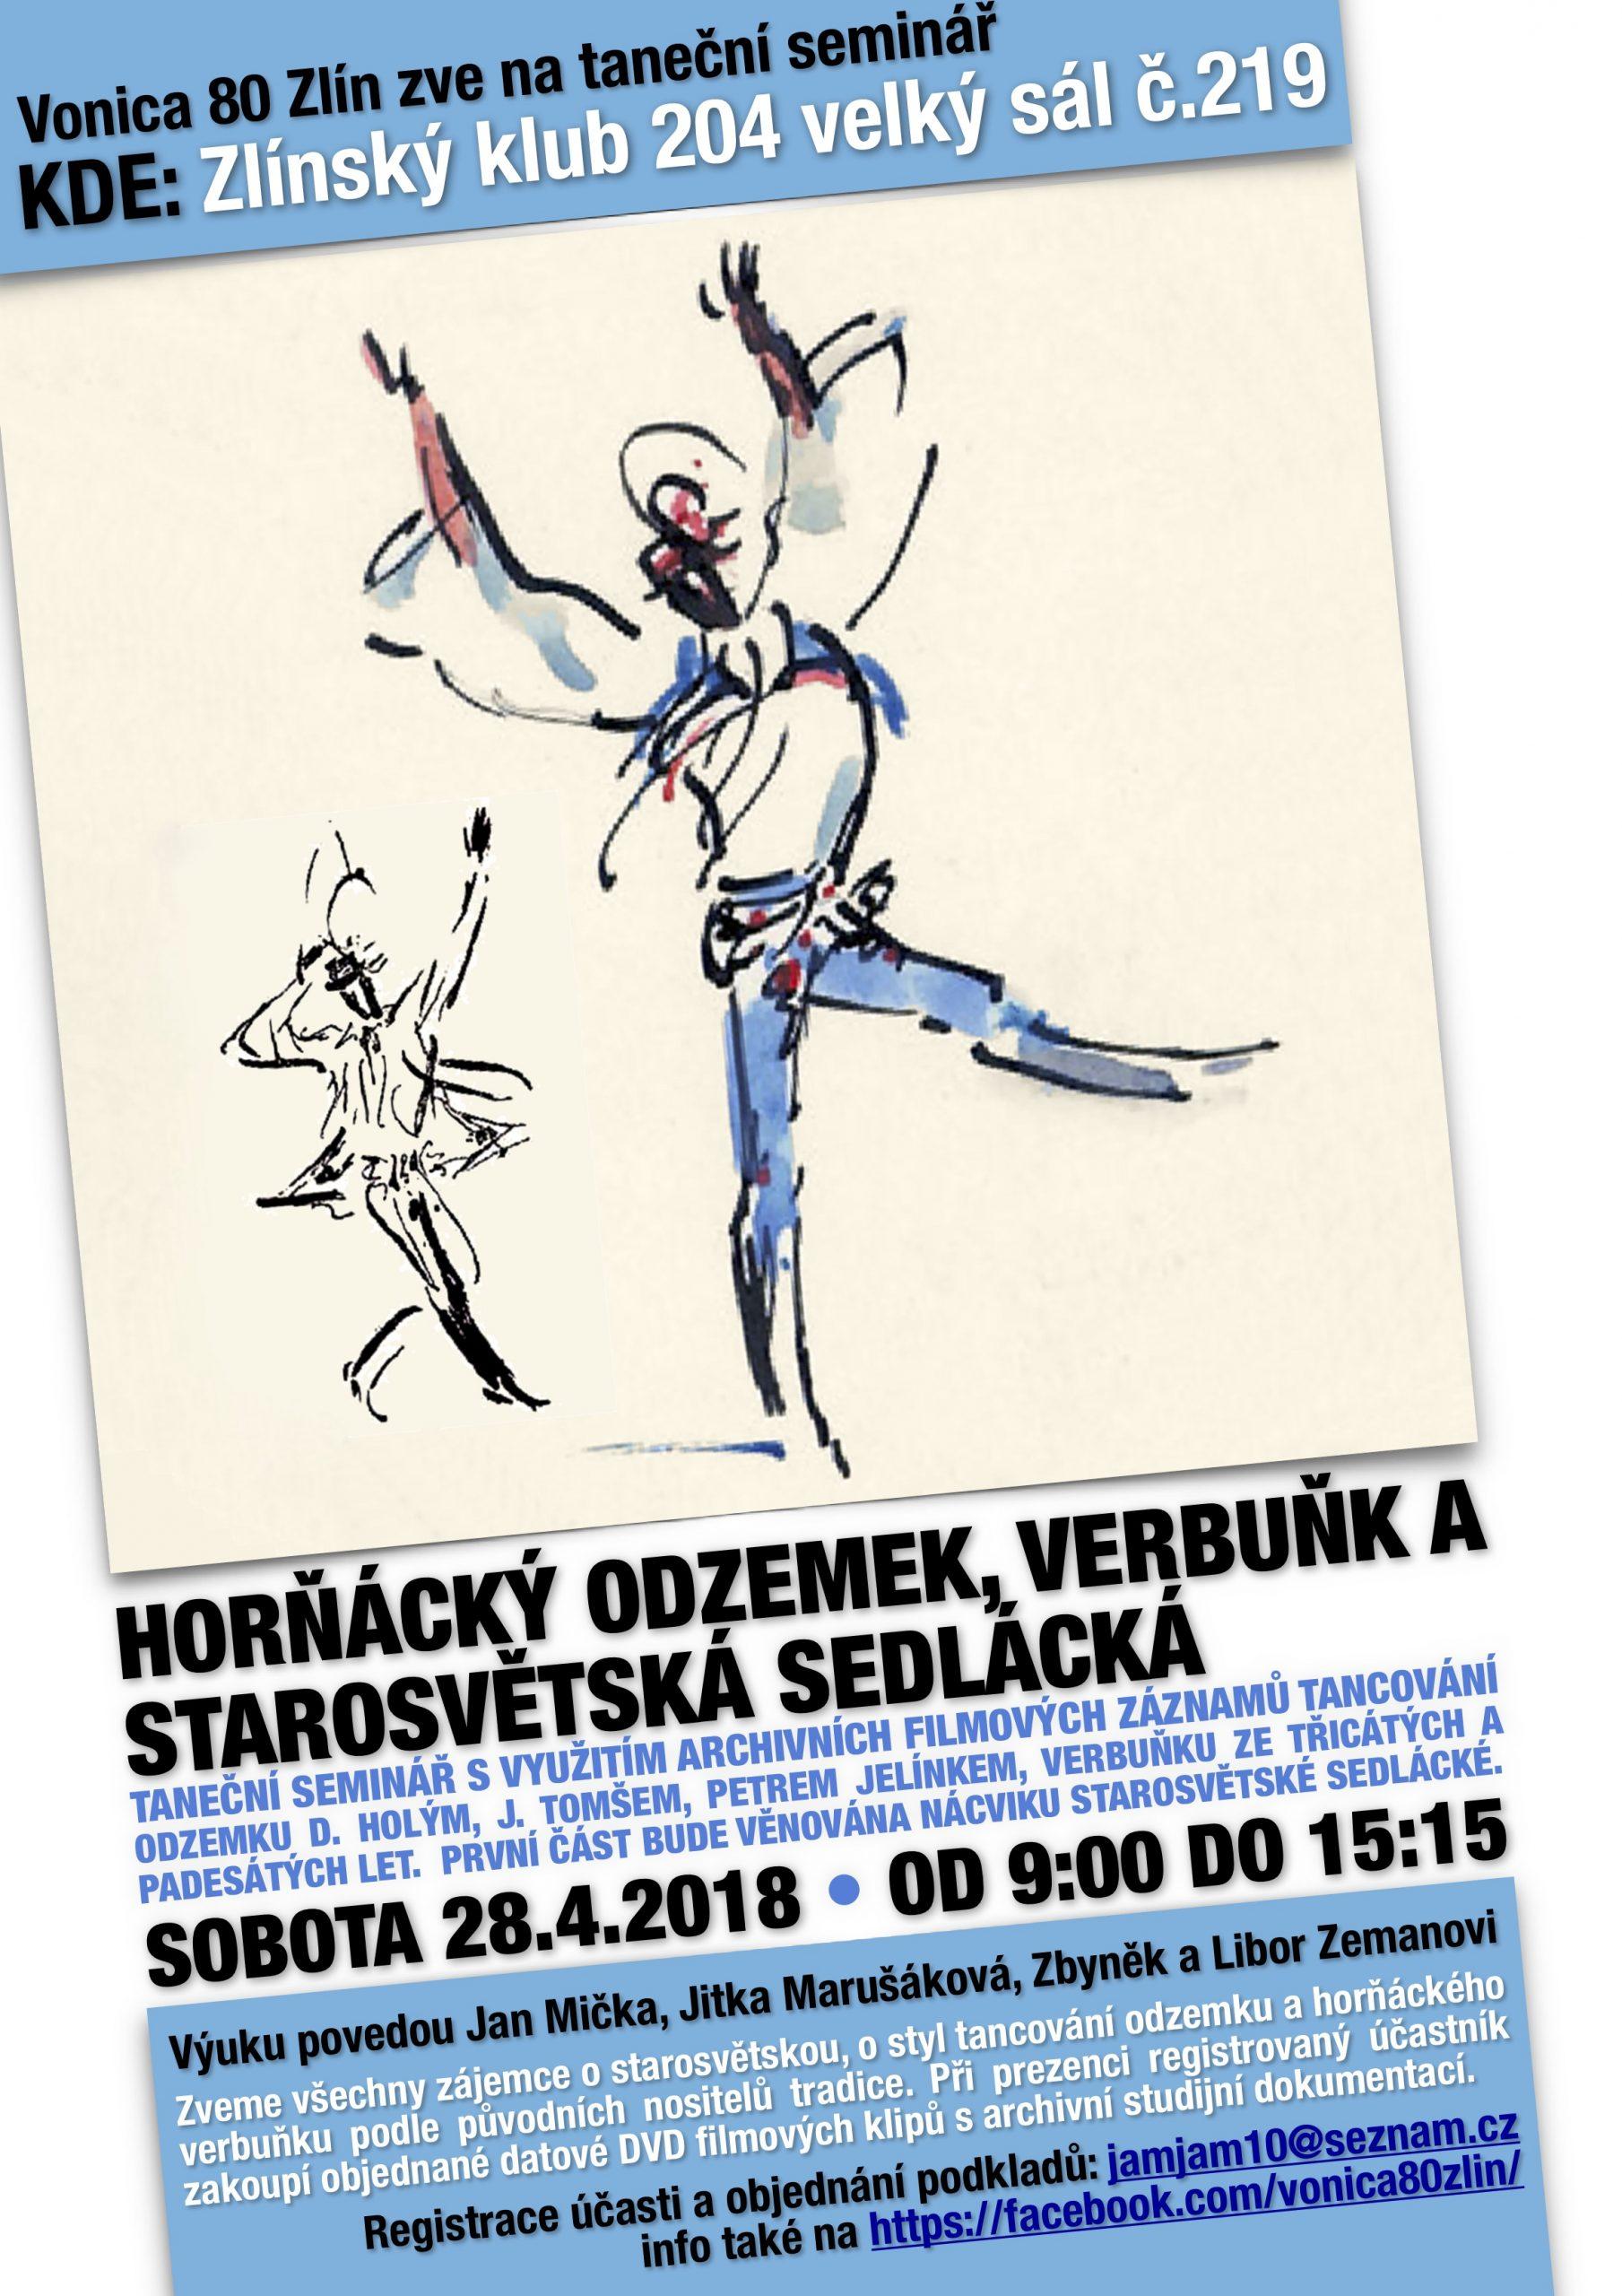 Taneční seminář Horňáckých verbuňků, odzemku a starosvětské